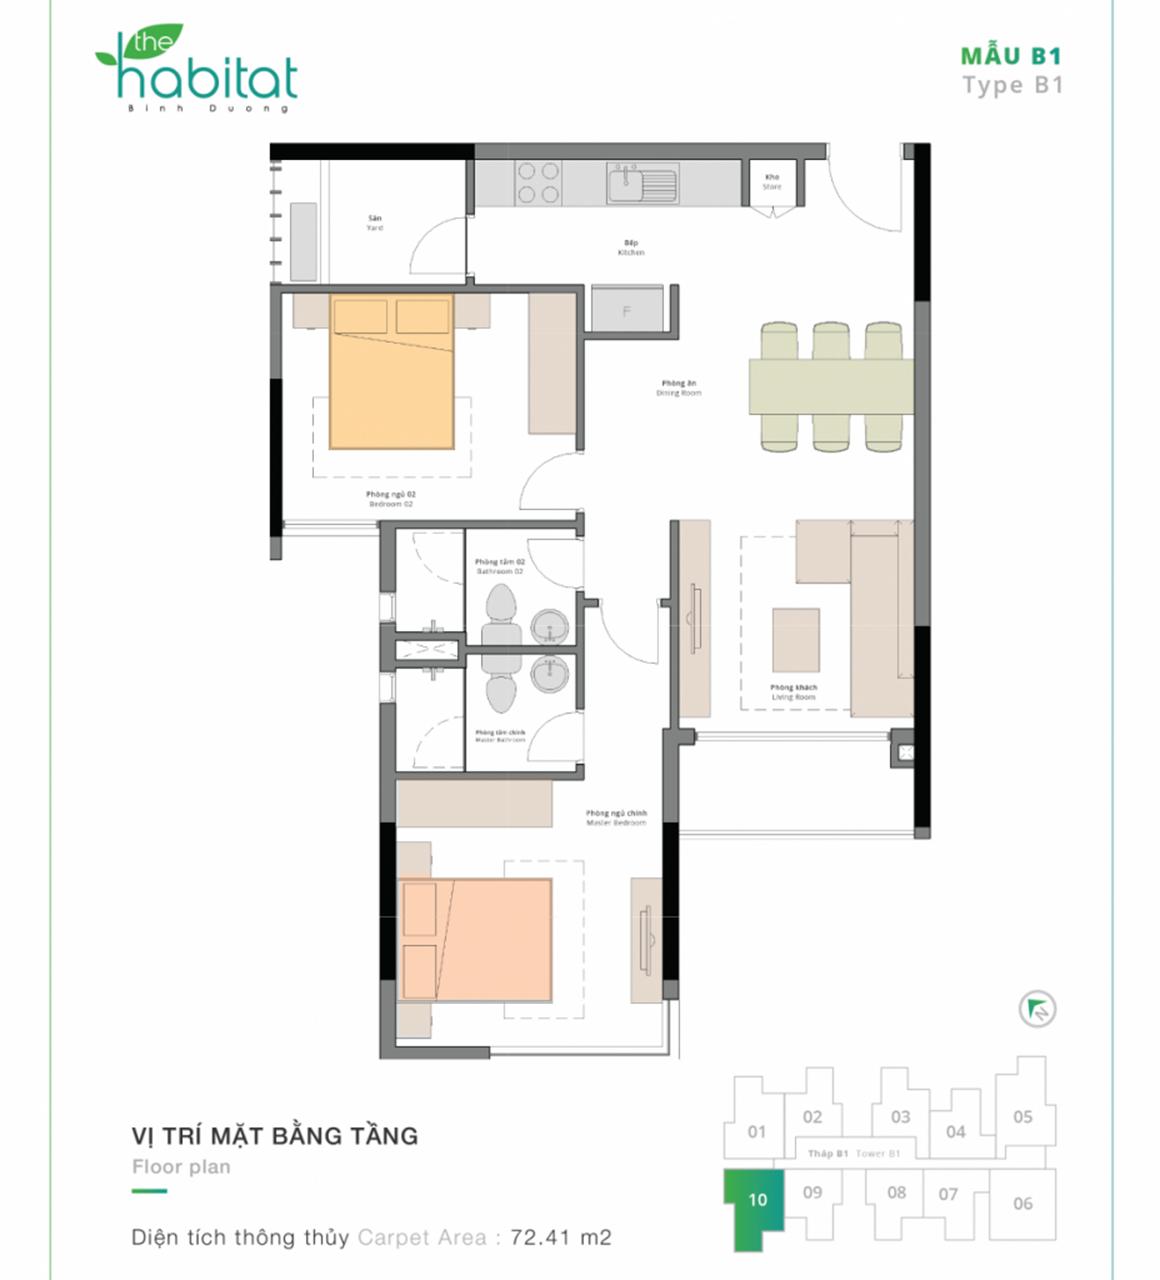 Thiết kế dự án The Habitat Mẫu B1